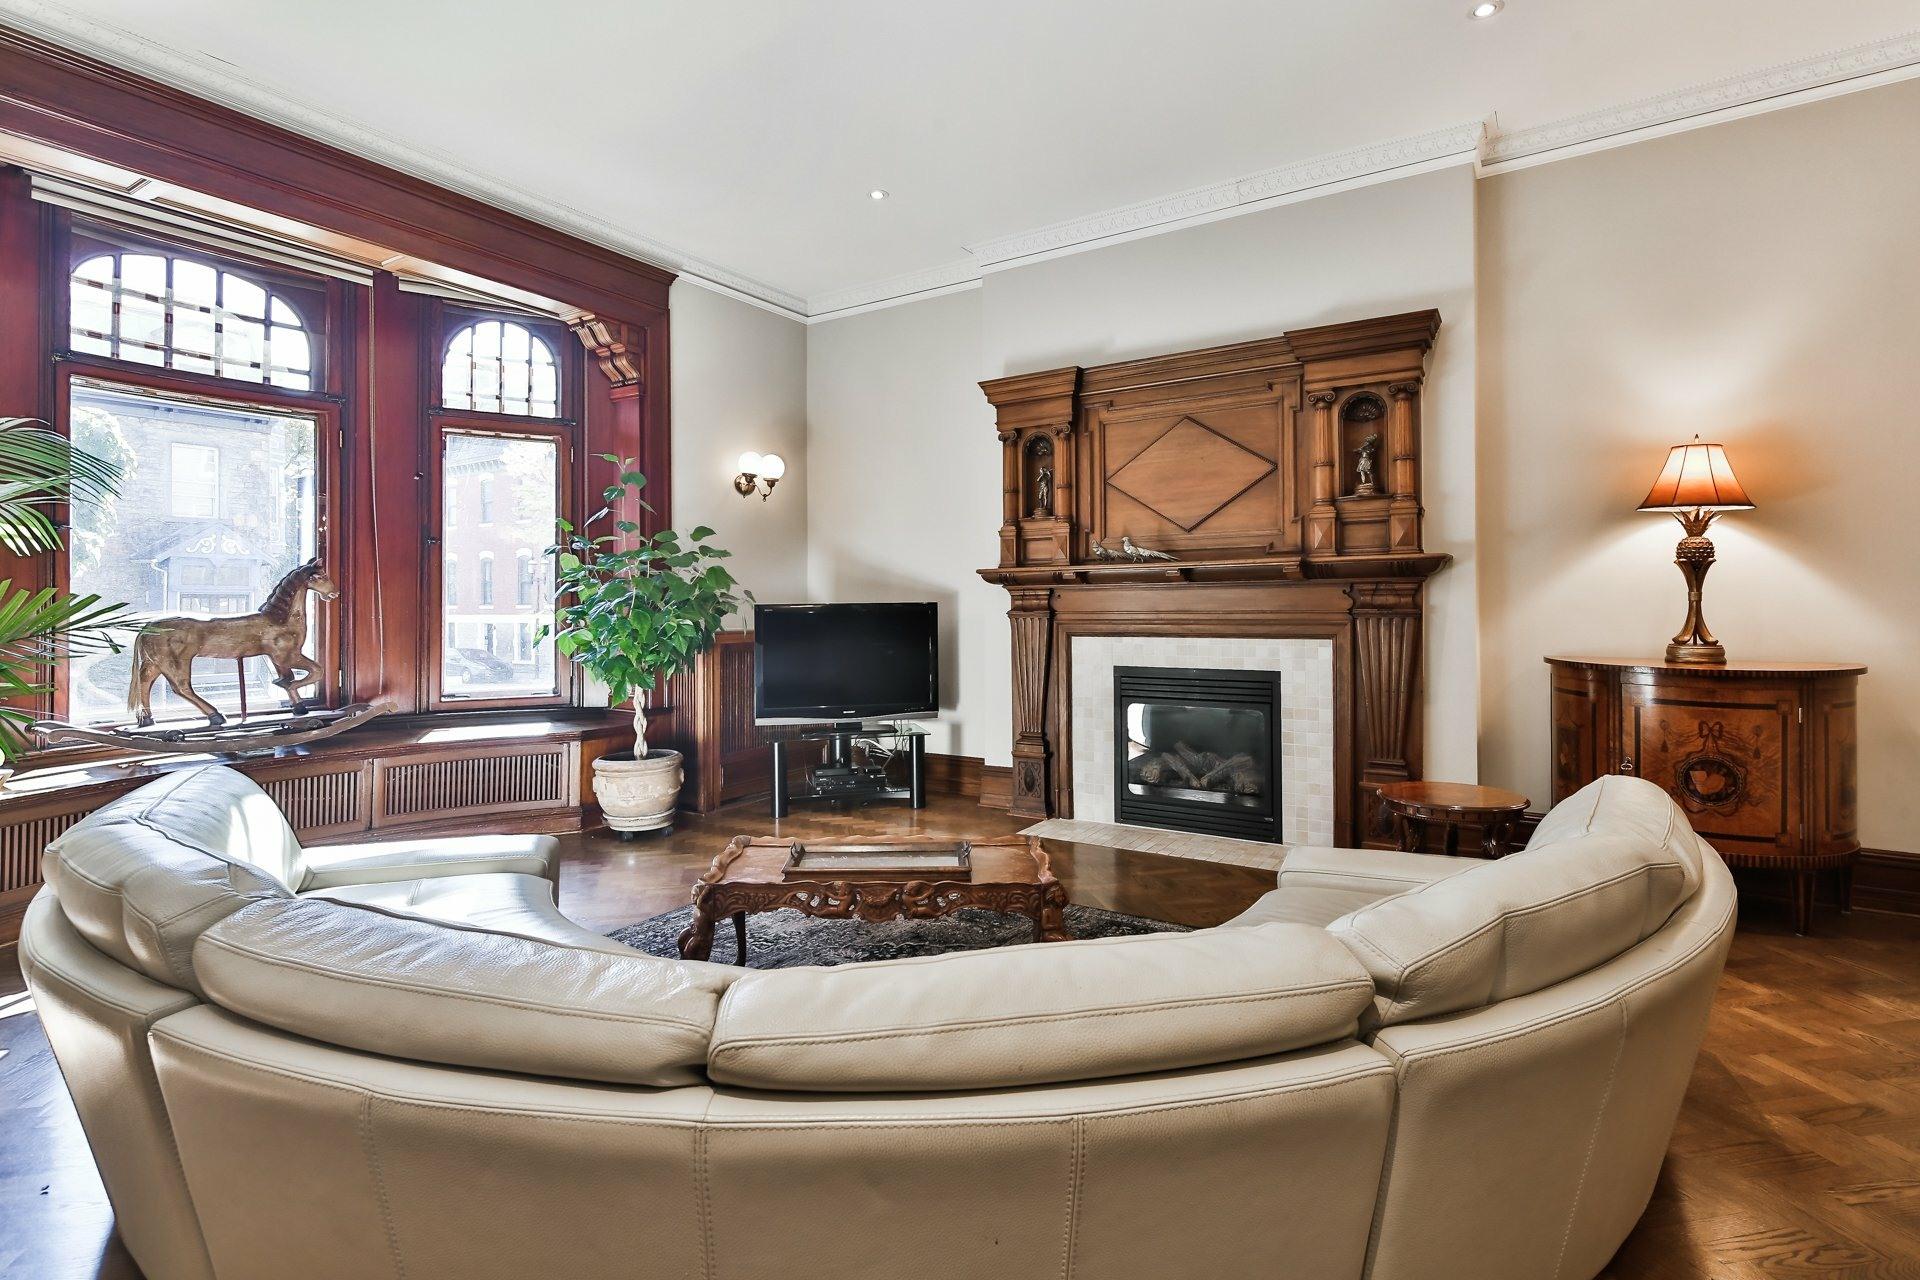 image 5 - Appartement À vendre Le Plateau-Mont-Royal Montréal  - 6 pièces